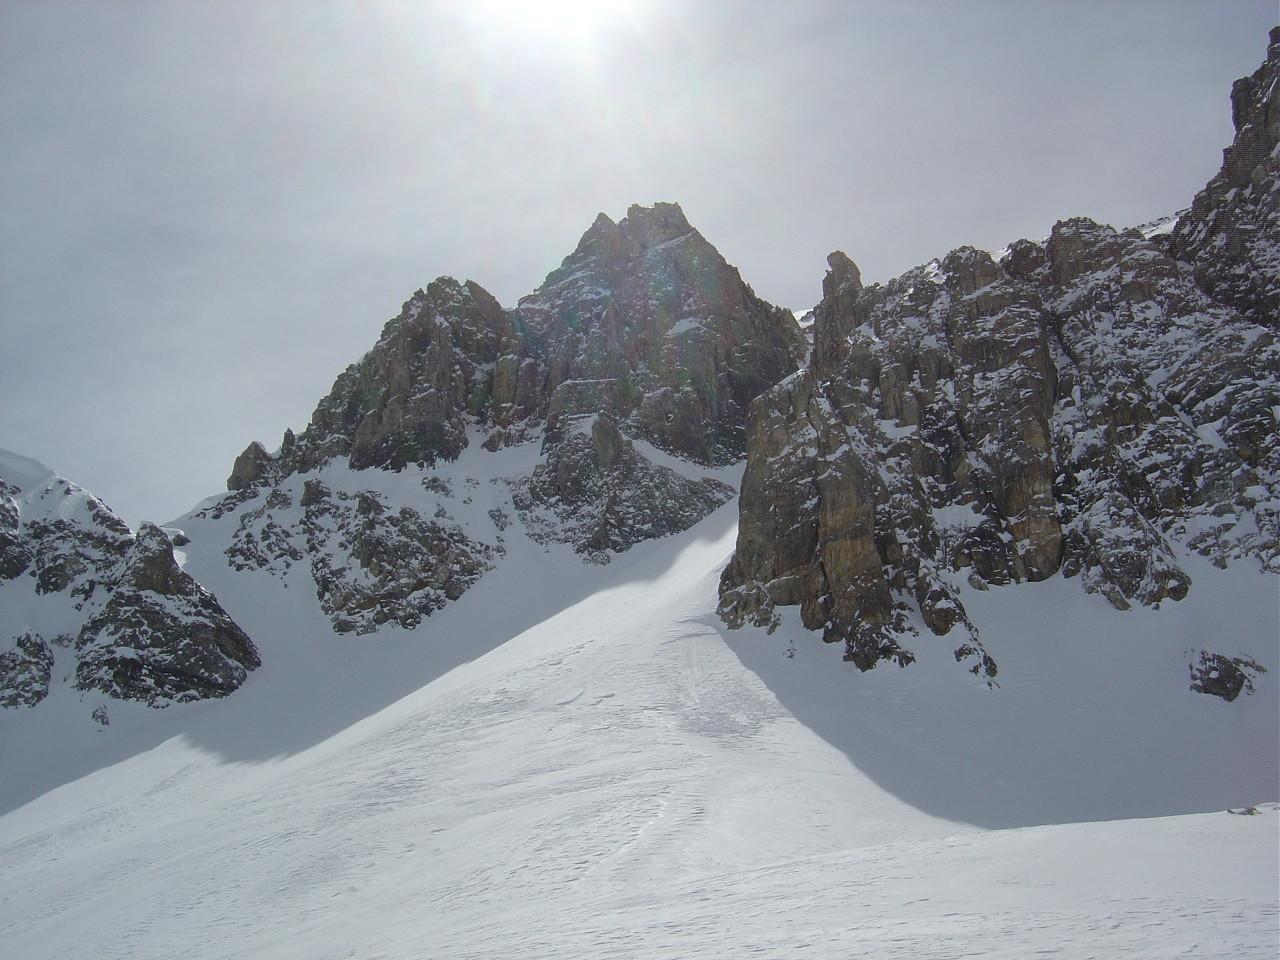 Le versant N du col de la Petite Part.